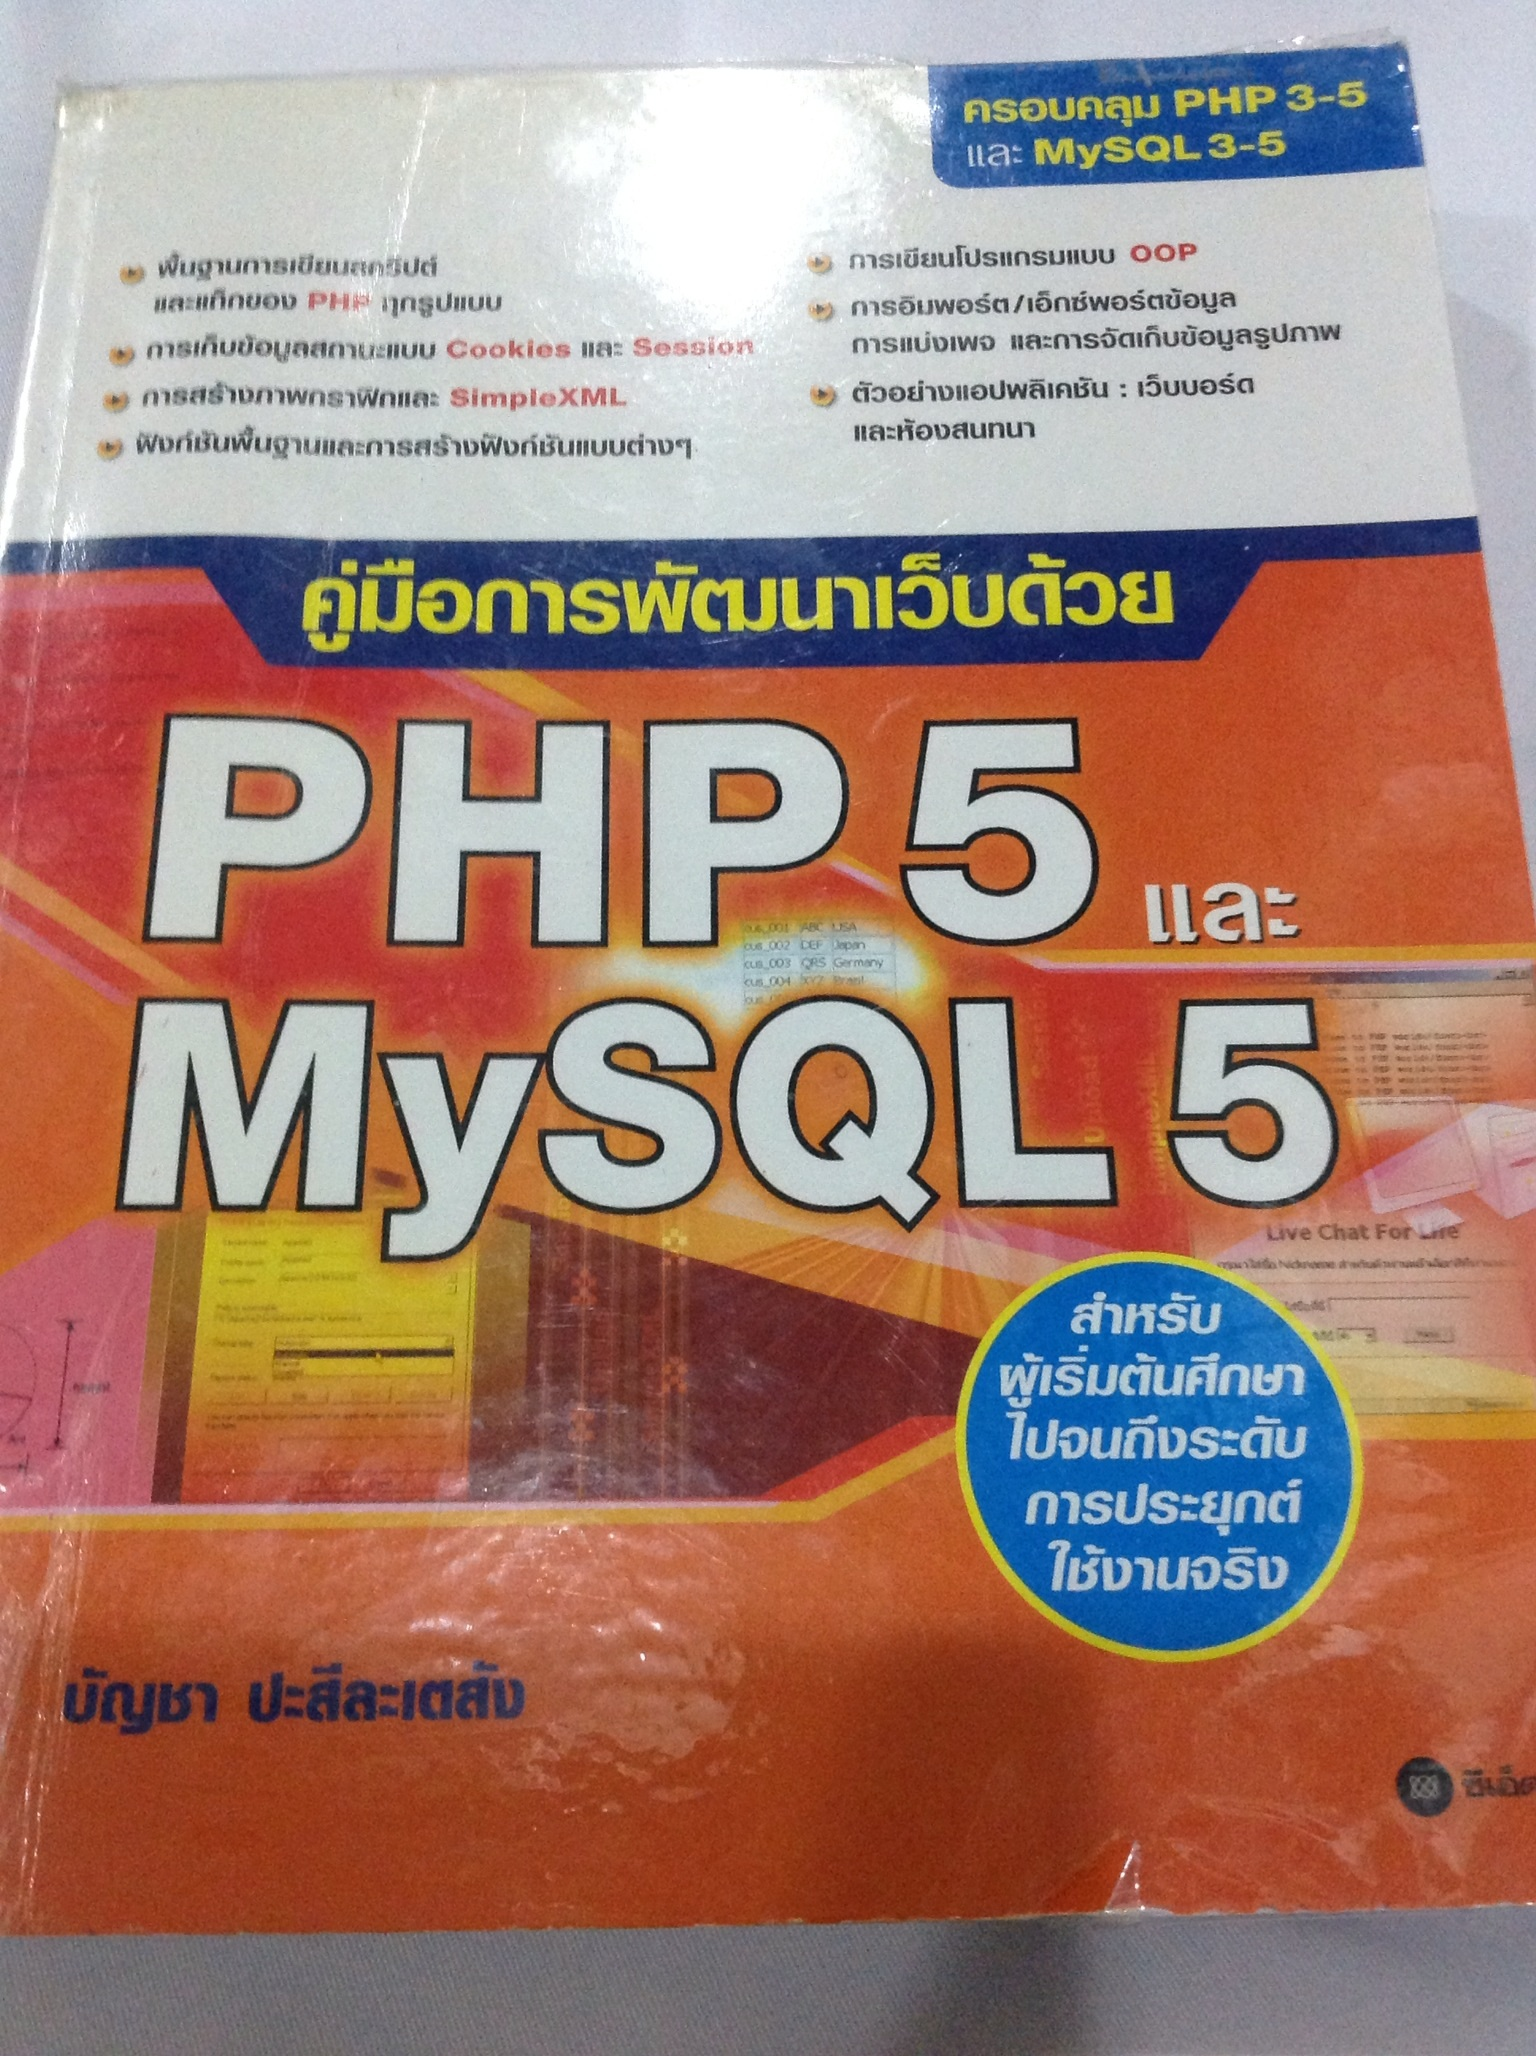 คู่มือการพัฒนาเว็บด้วย PHP5 และ MySQL5